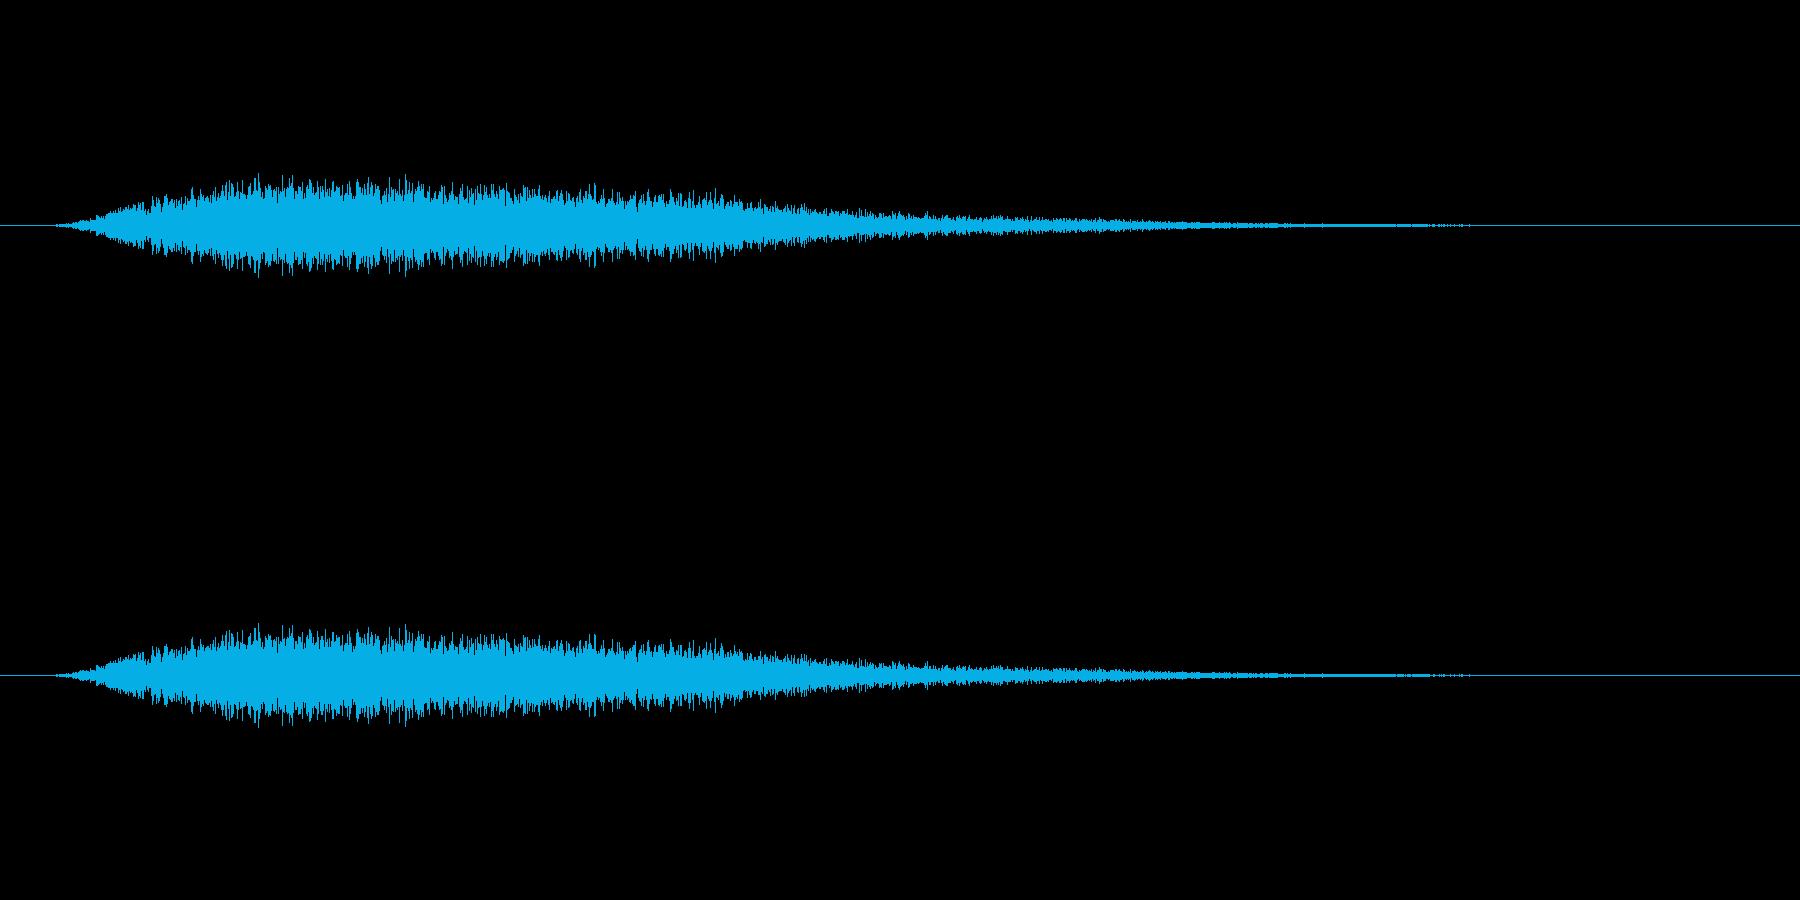 【風 合成02-1】の再生済みの波形